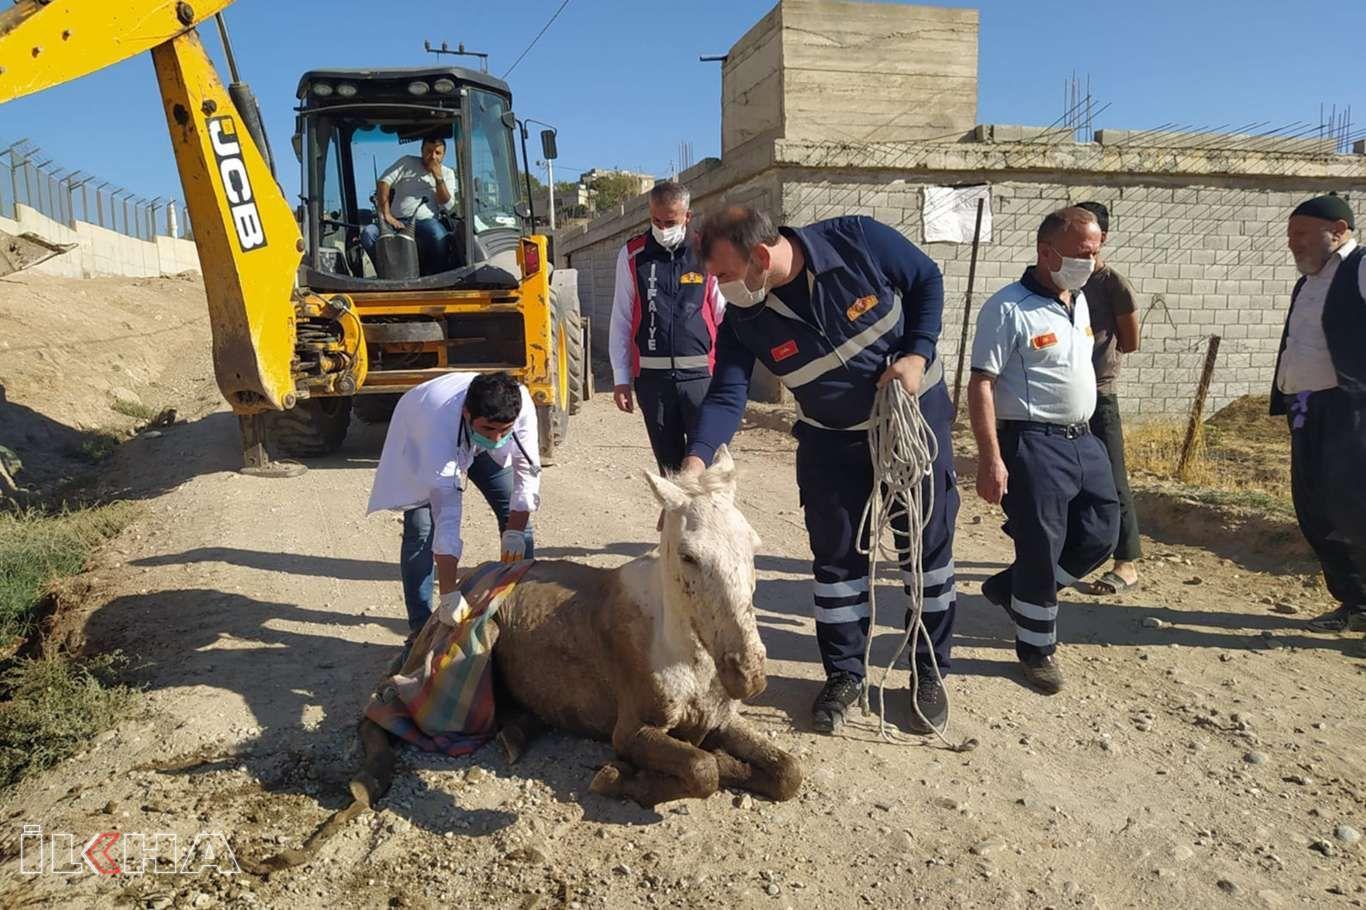 Bataklığa saplanan sahipsiz at kurtarıldı